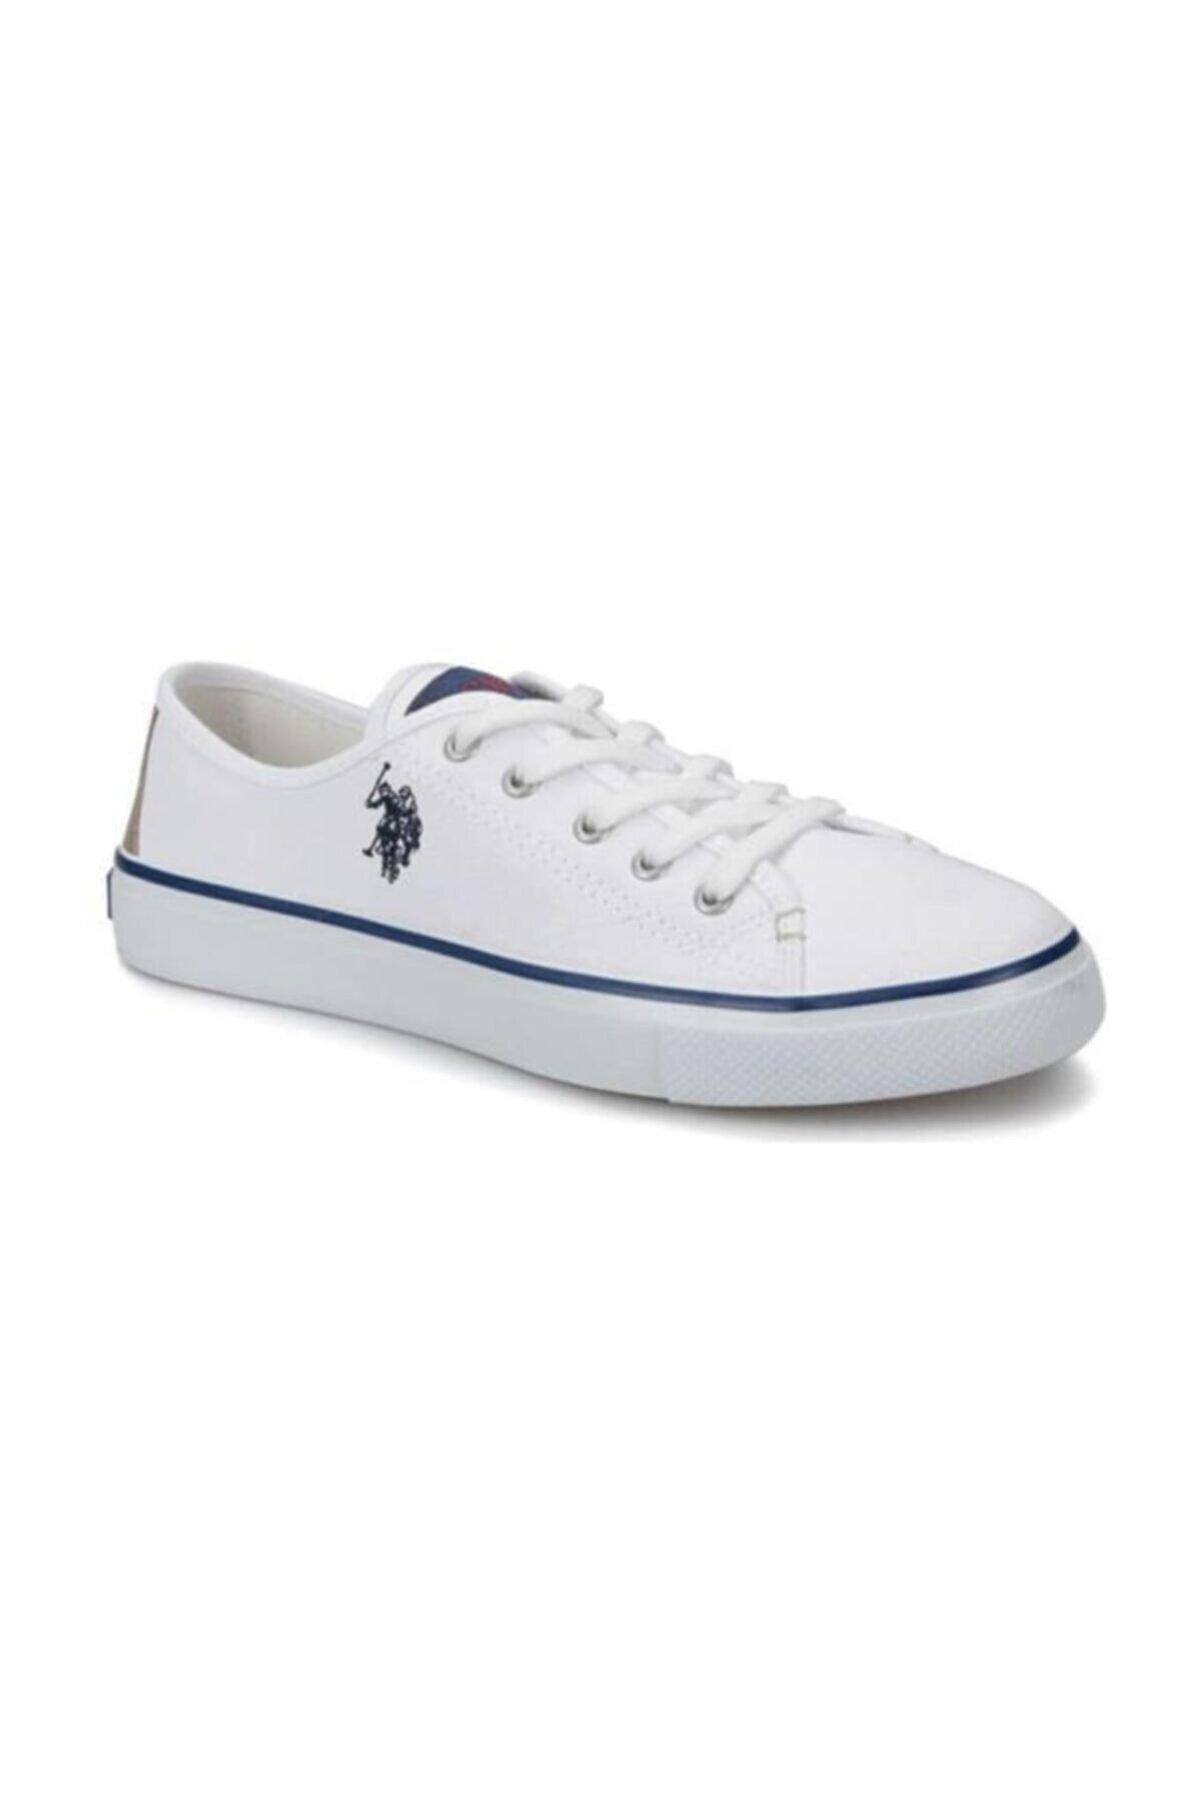 US Polo Assn Toga 1 Fx Beyaz Bağcıklı Kadın Sneaker